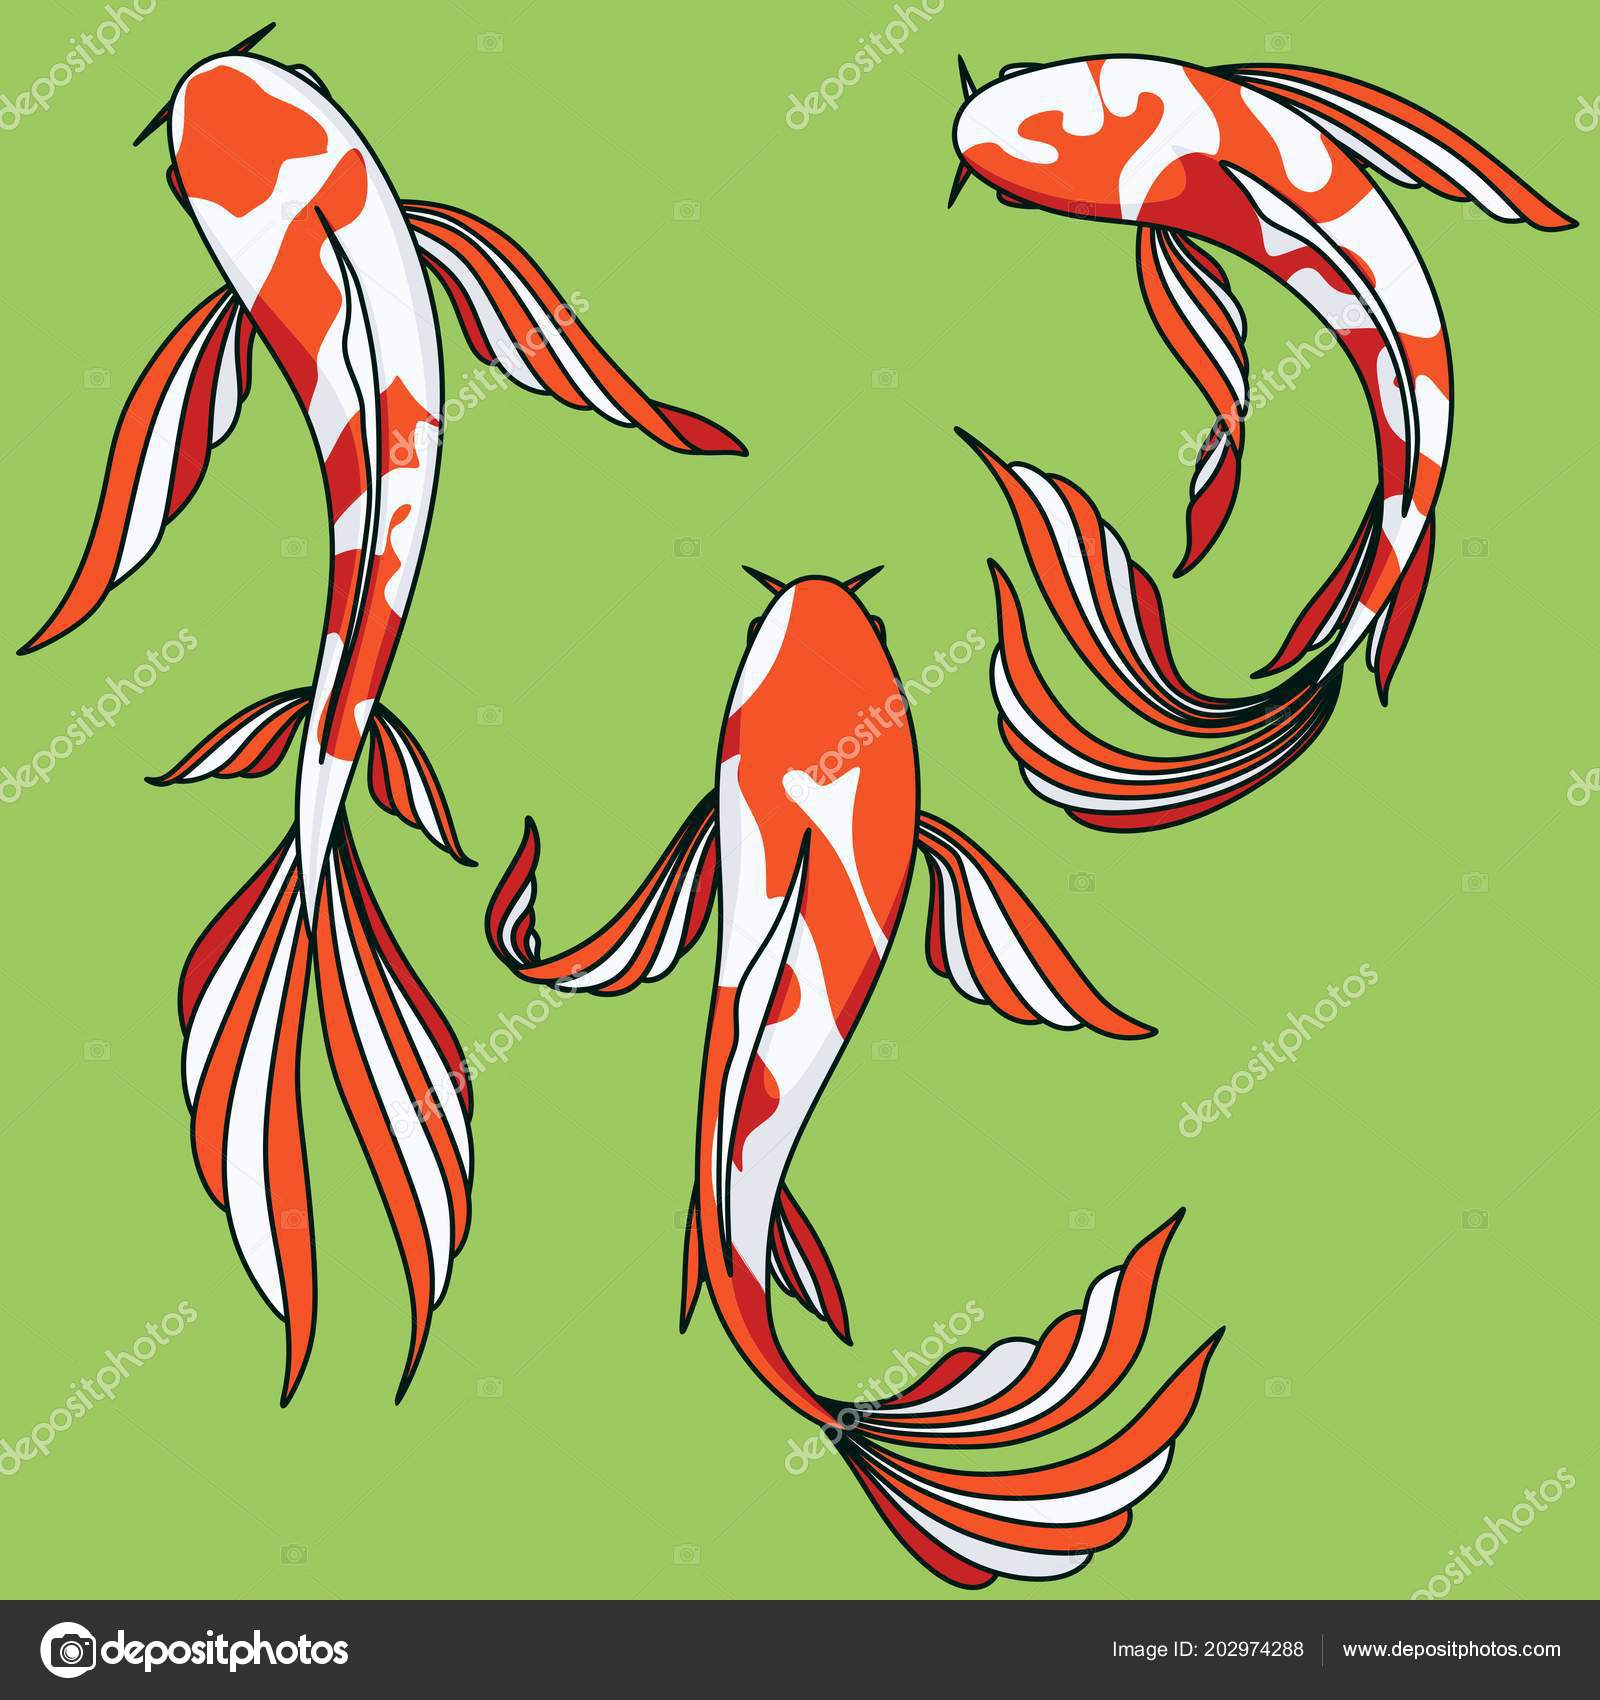 Koi Kapr Vektor Klip Umeni Sada Obrazky Kreslene Asijske Ryby